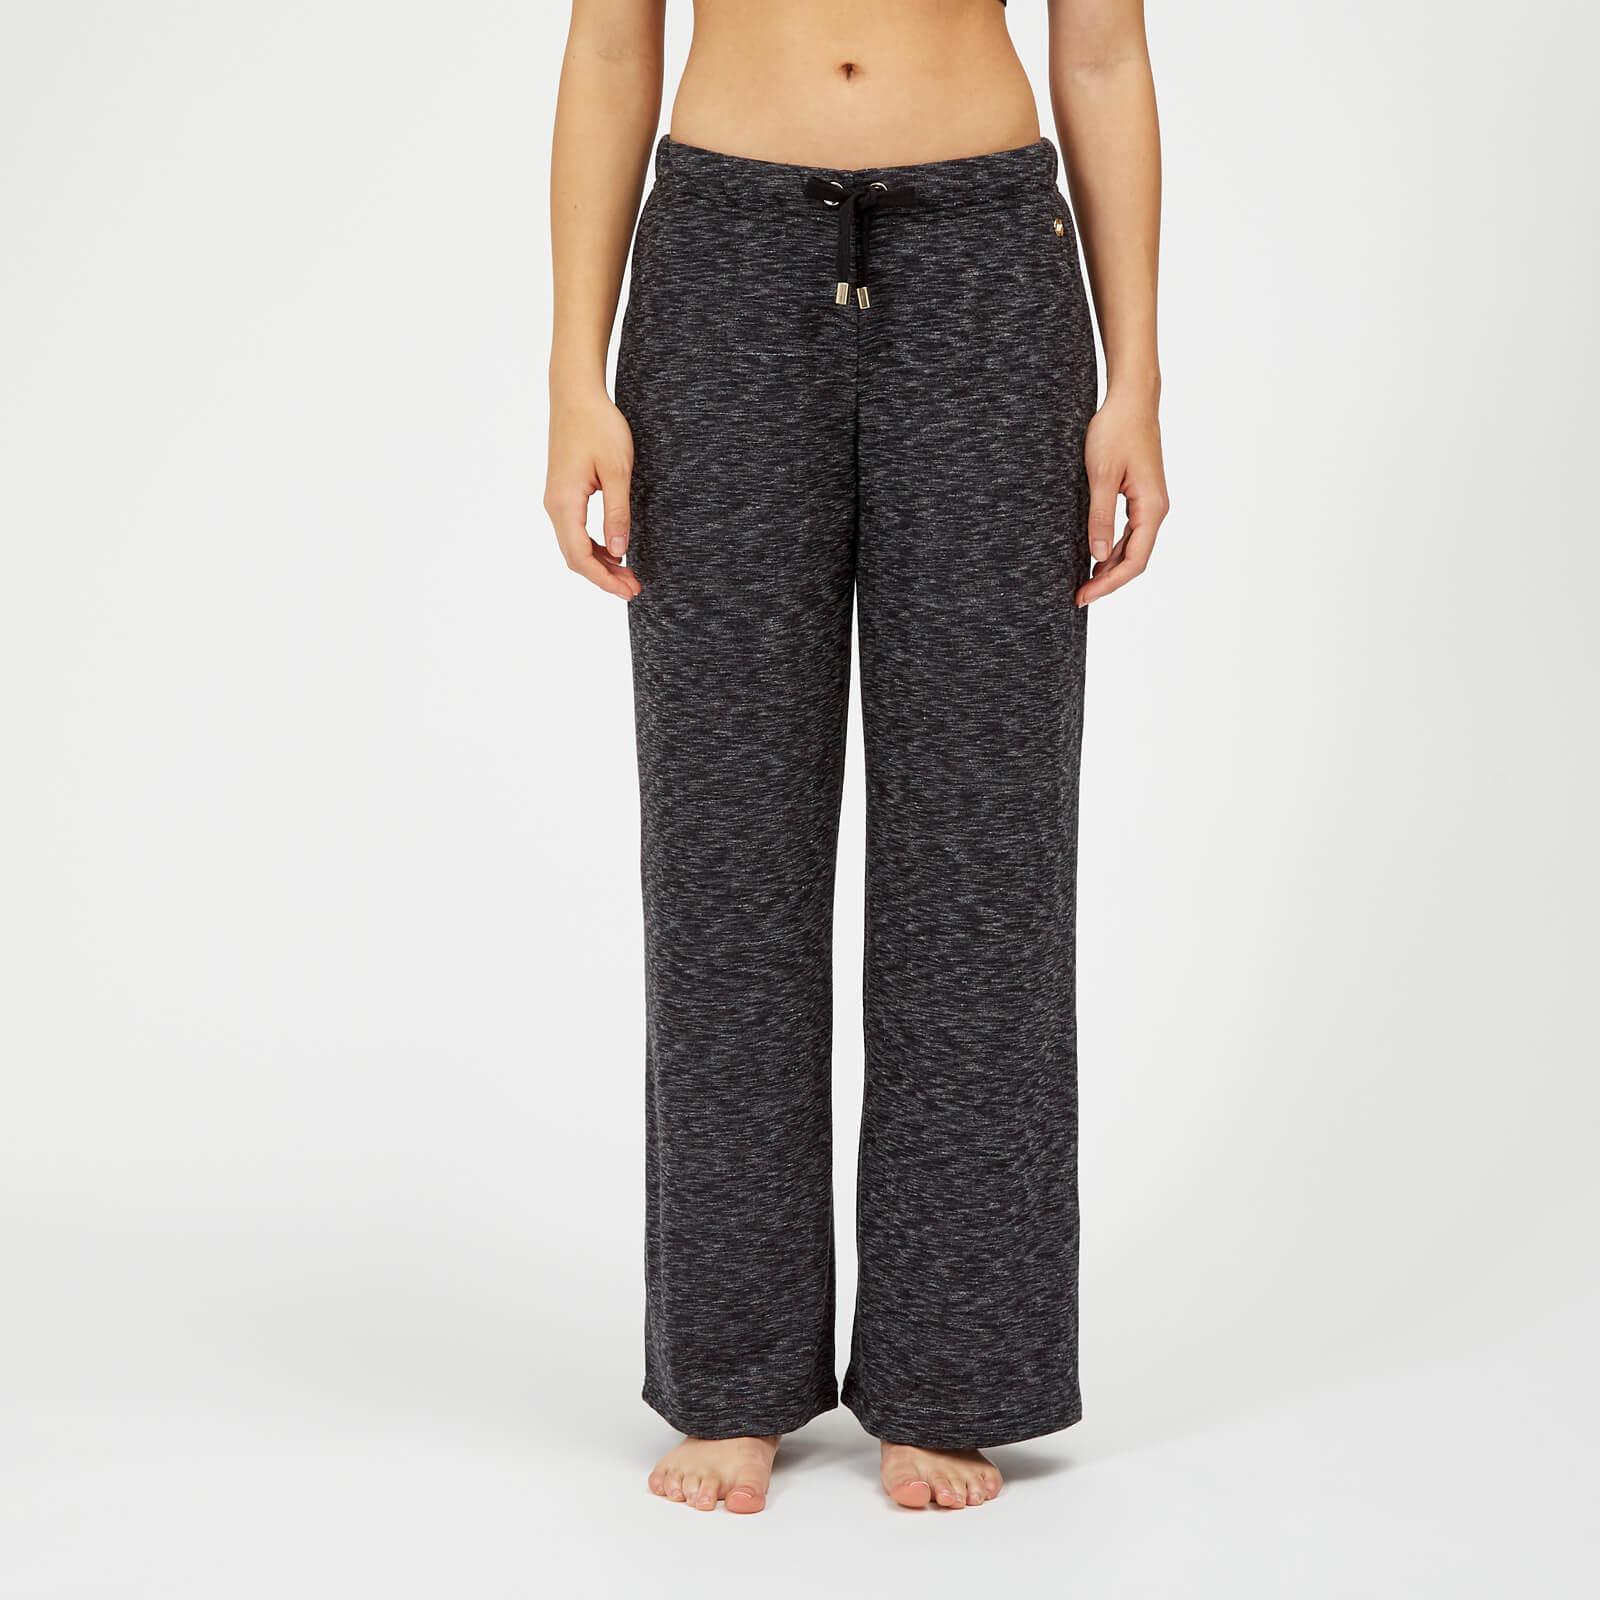 Lounge Luxe Pantaloni I Boyfriend Nero Jogging Da Acquista qX8IB